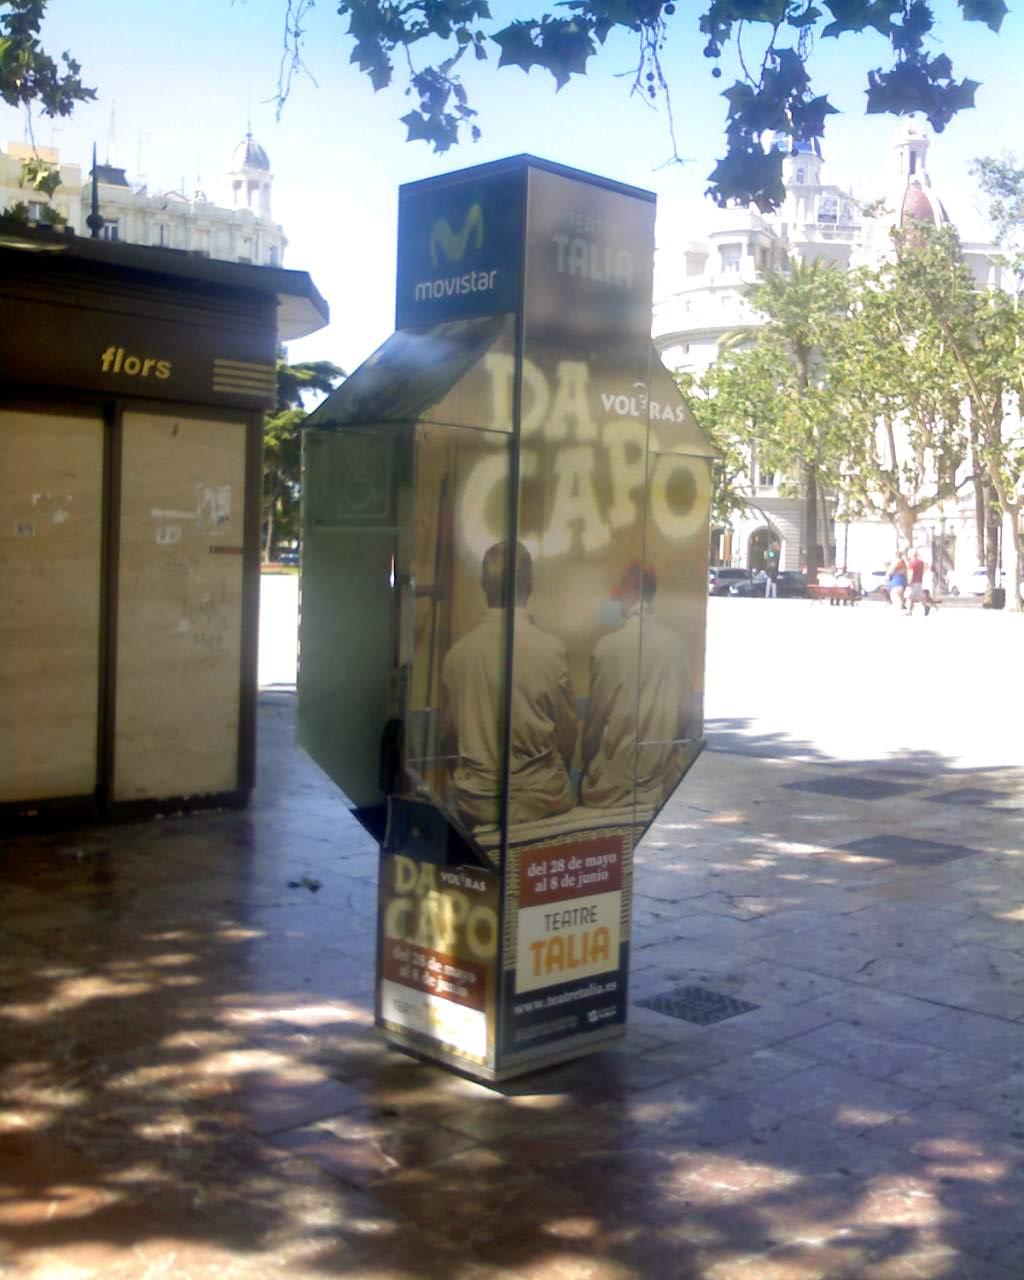 Da Capo – Teatre Talia